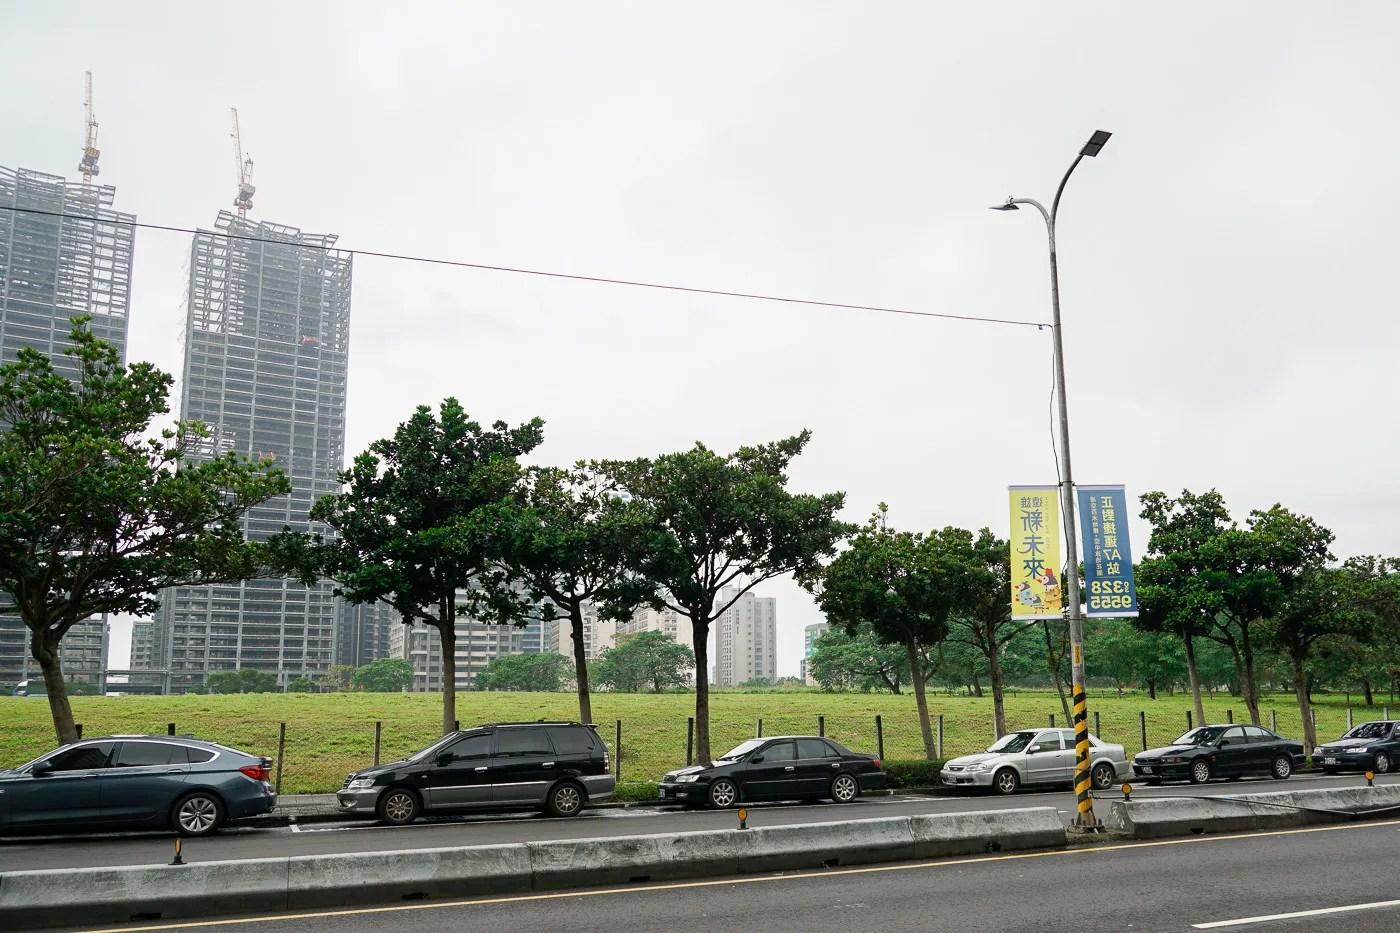 林口影視城2期「國際媒體區」10月招商 打造文創電影園區,讓國際電影都可到臺灣拍攝 | 退休直達車